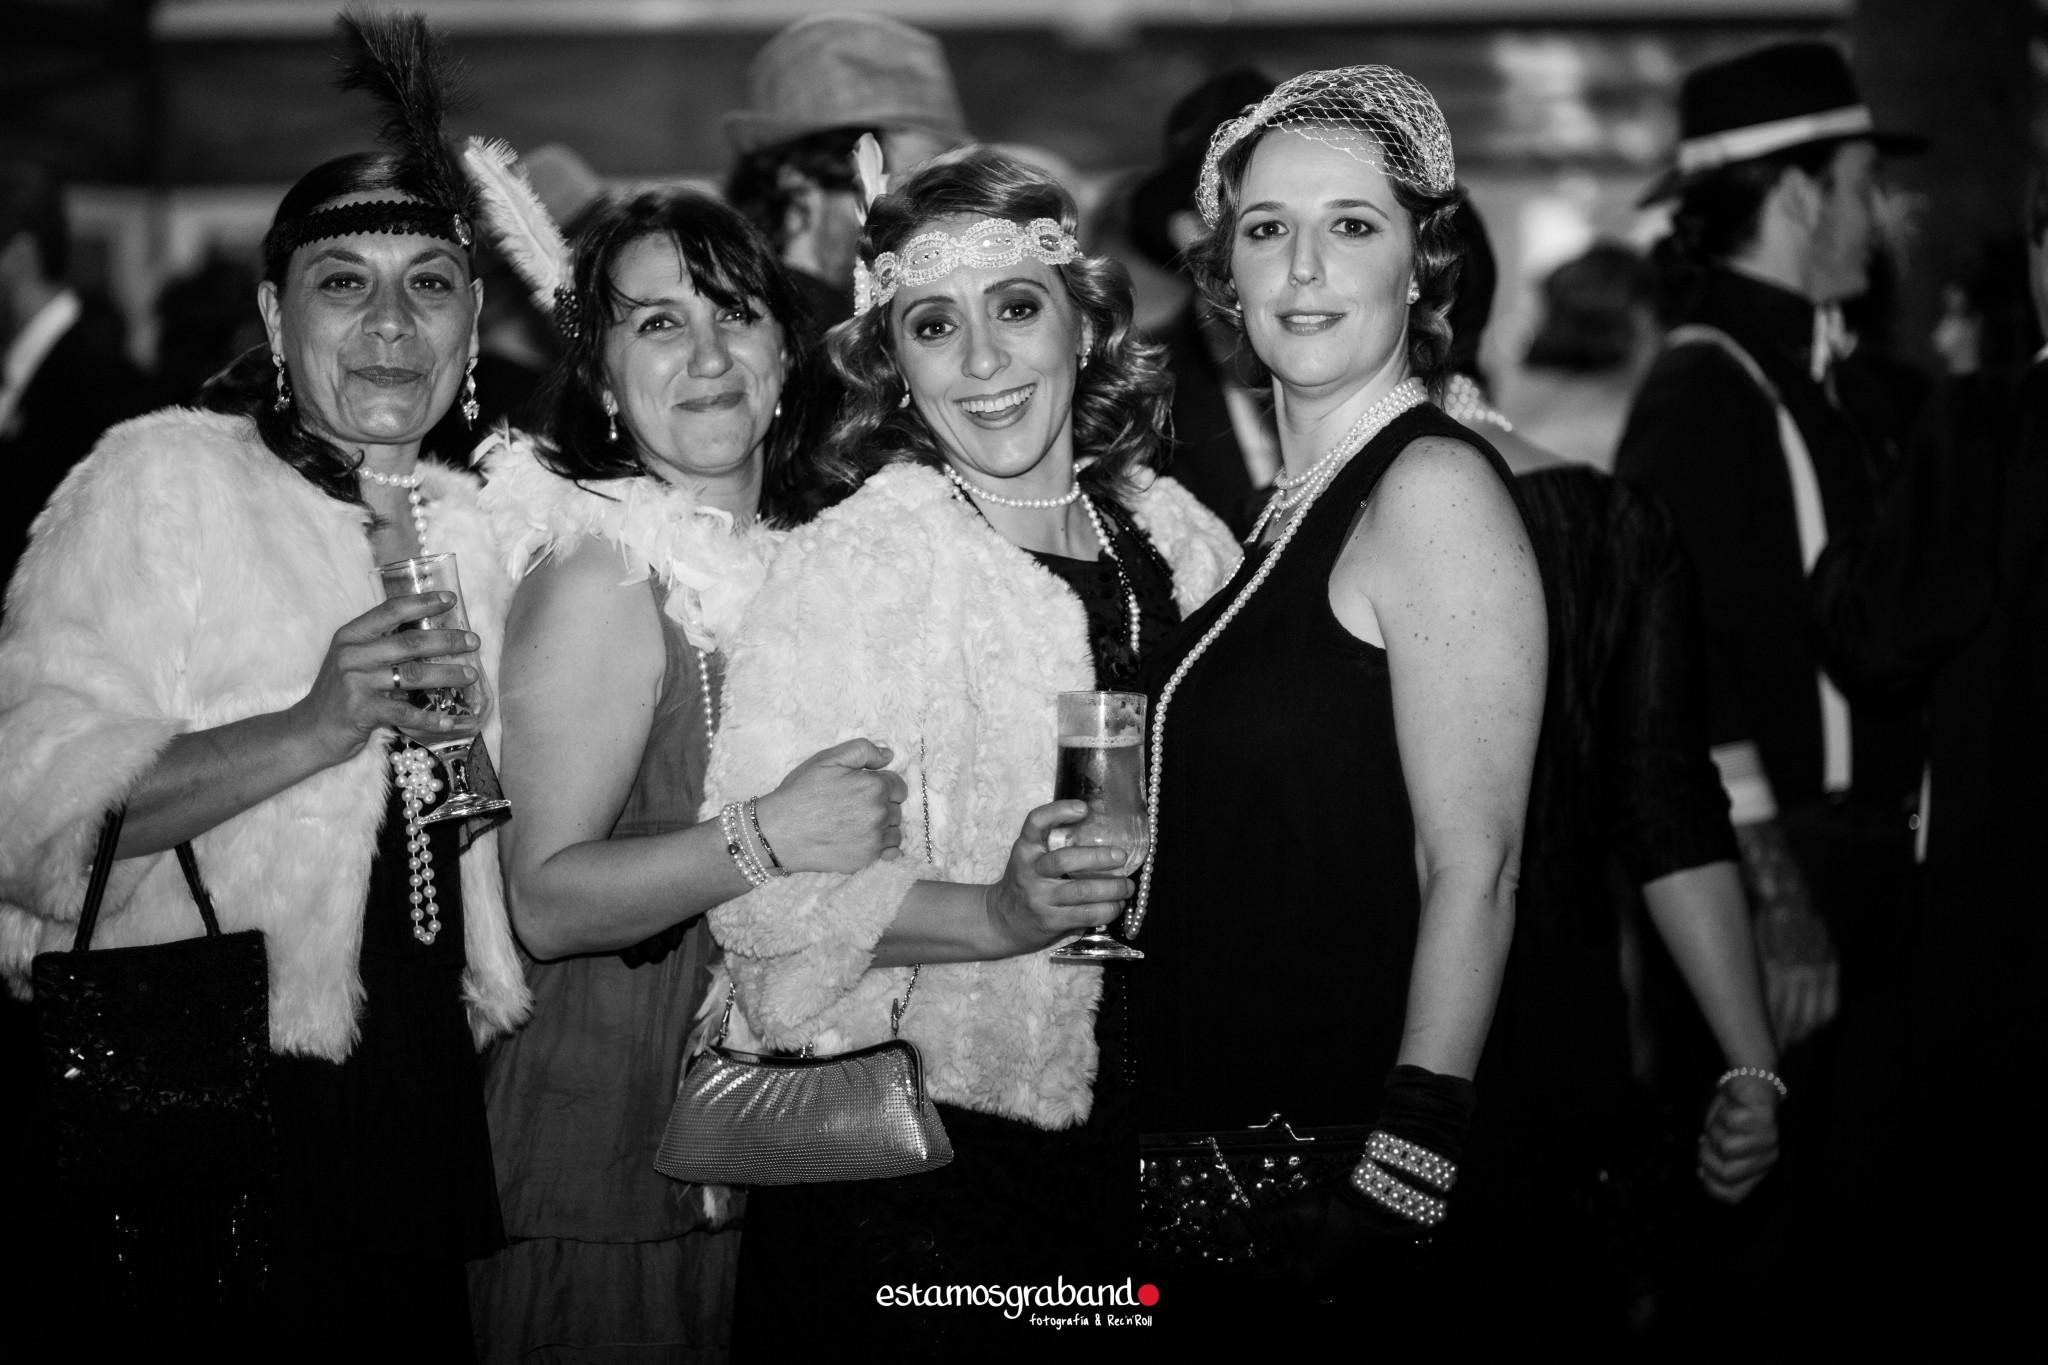 Años-20-BBTP-21-de-109 Los locos Años 20 [Fotografía en La Teta de Julieta, Cádiz] - video boda cadiz